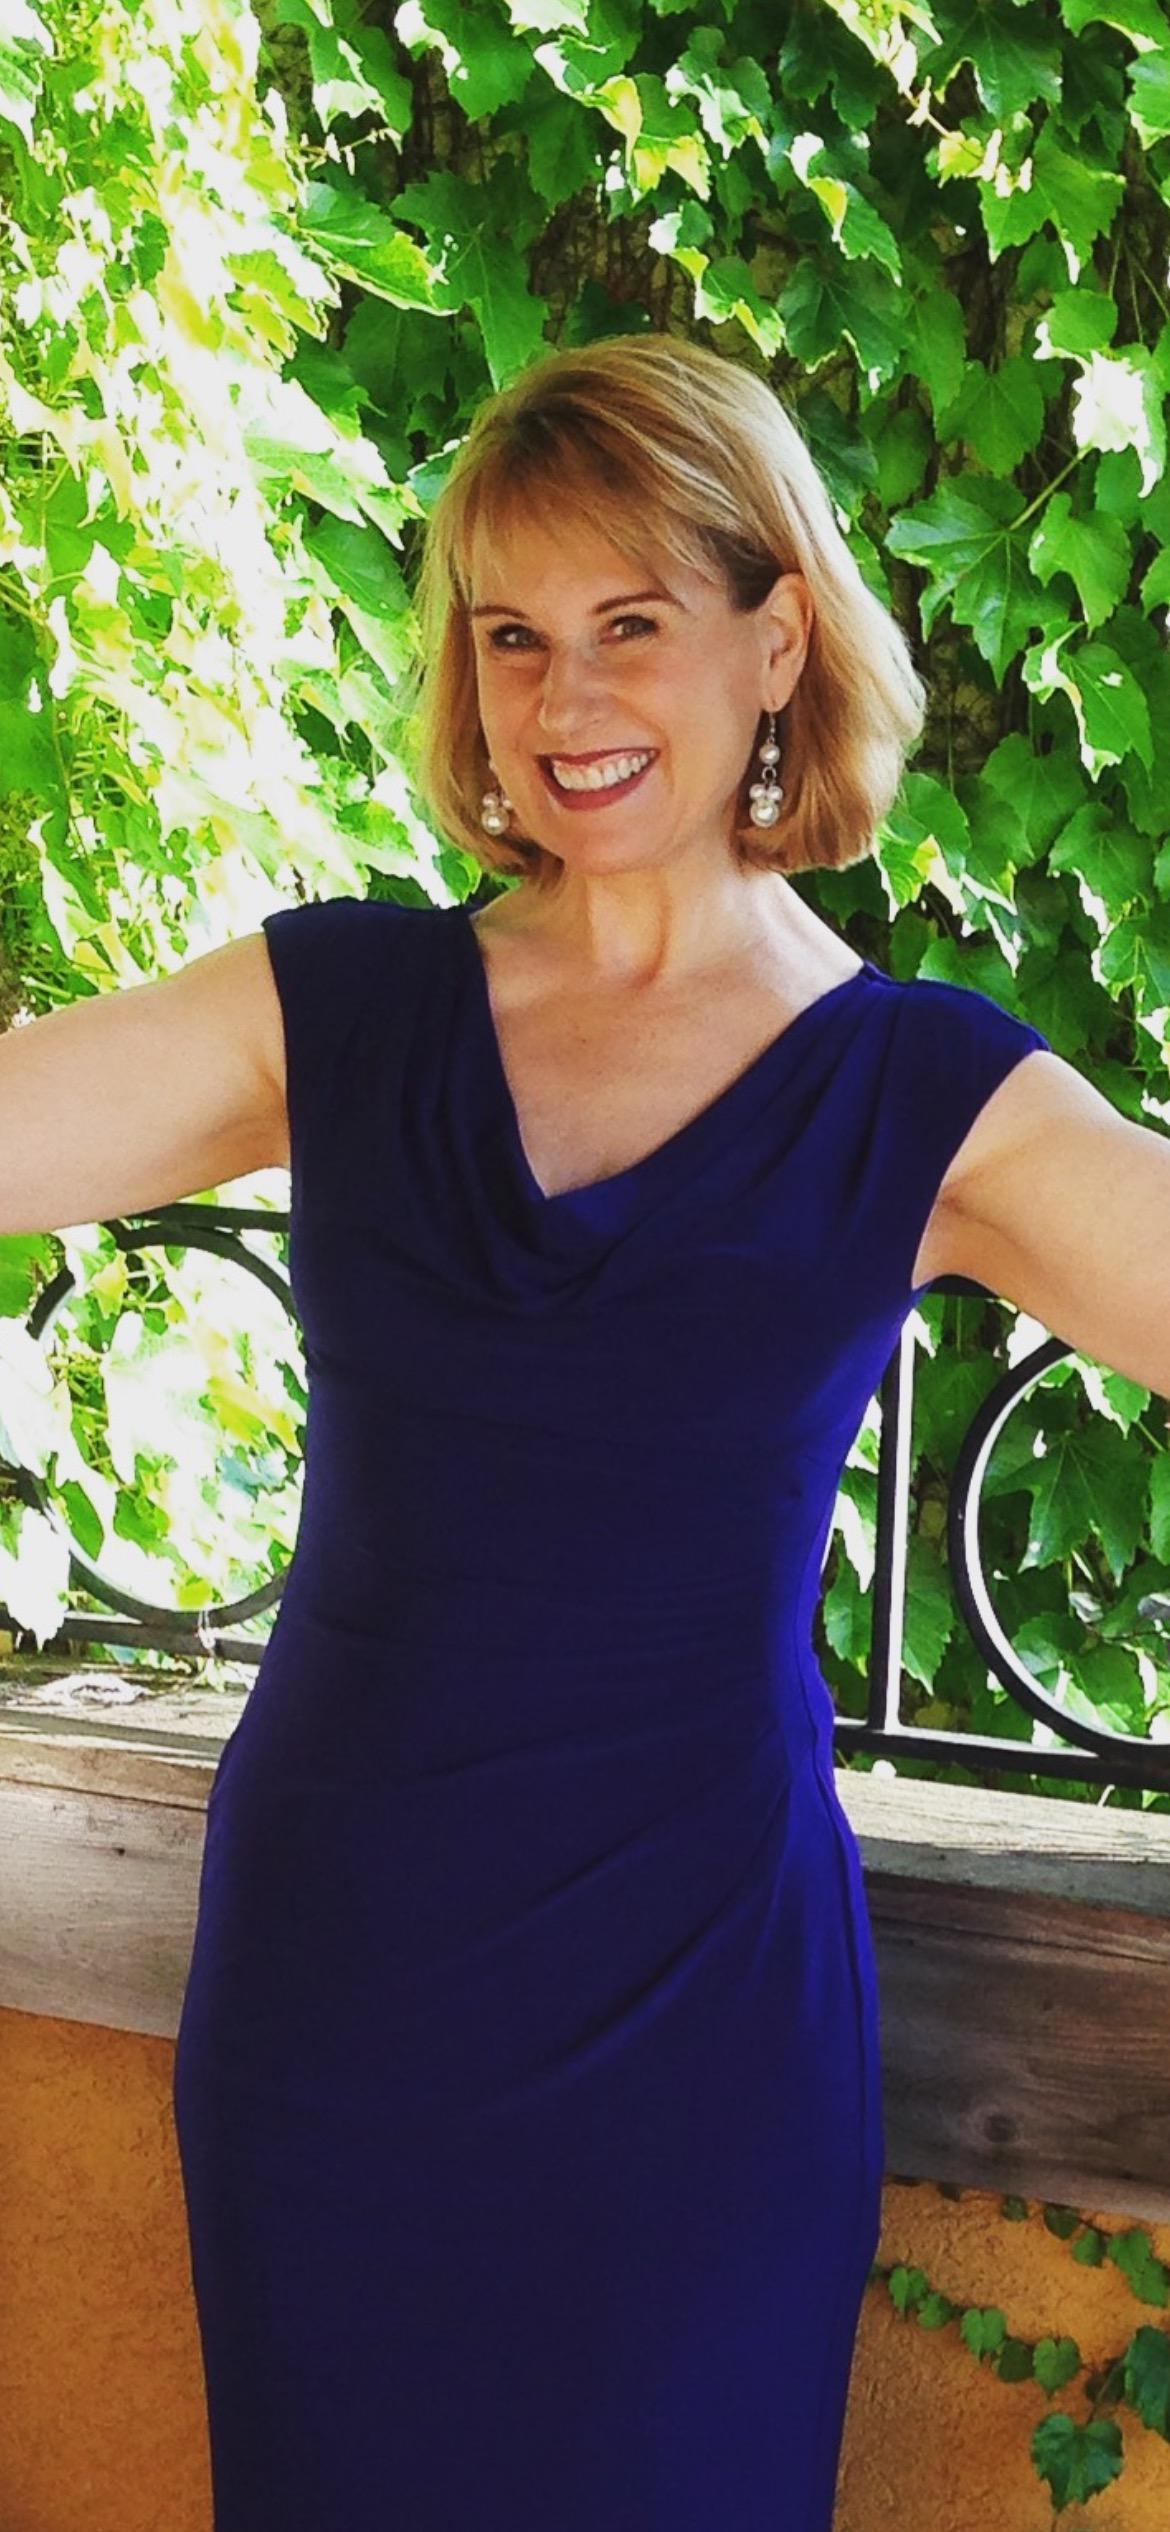 Susan Lunning